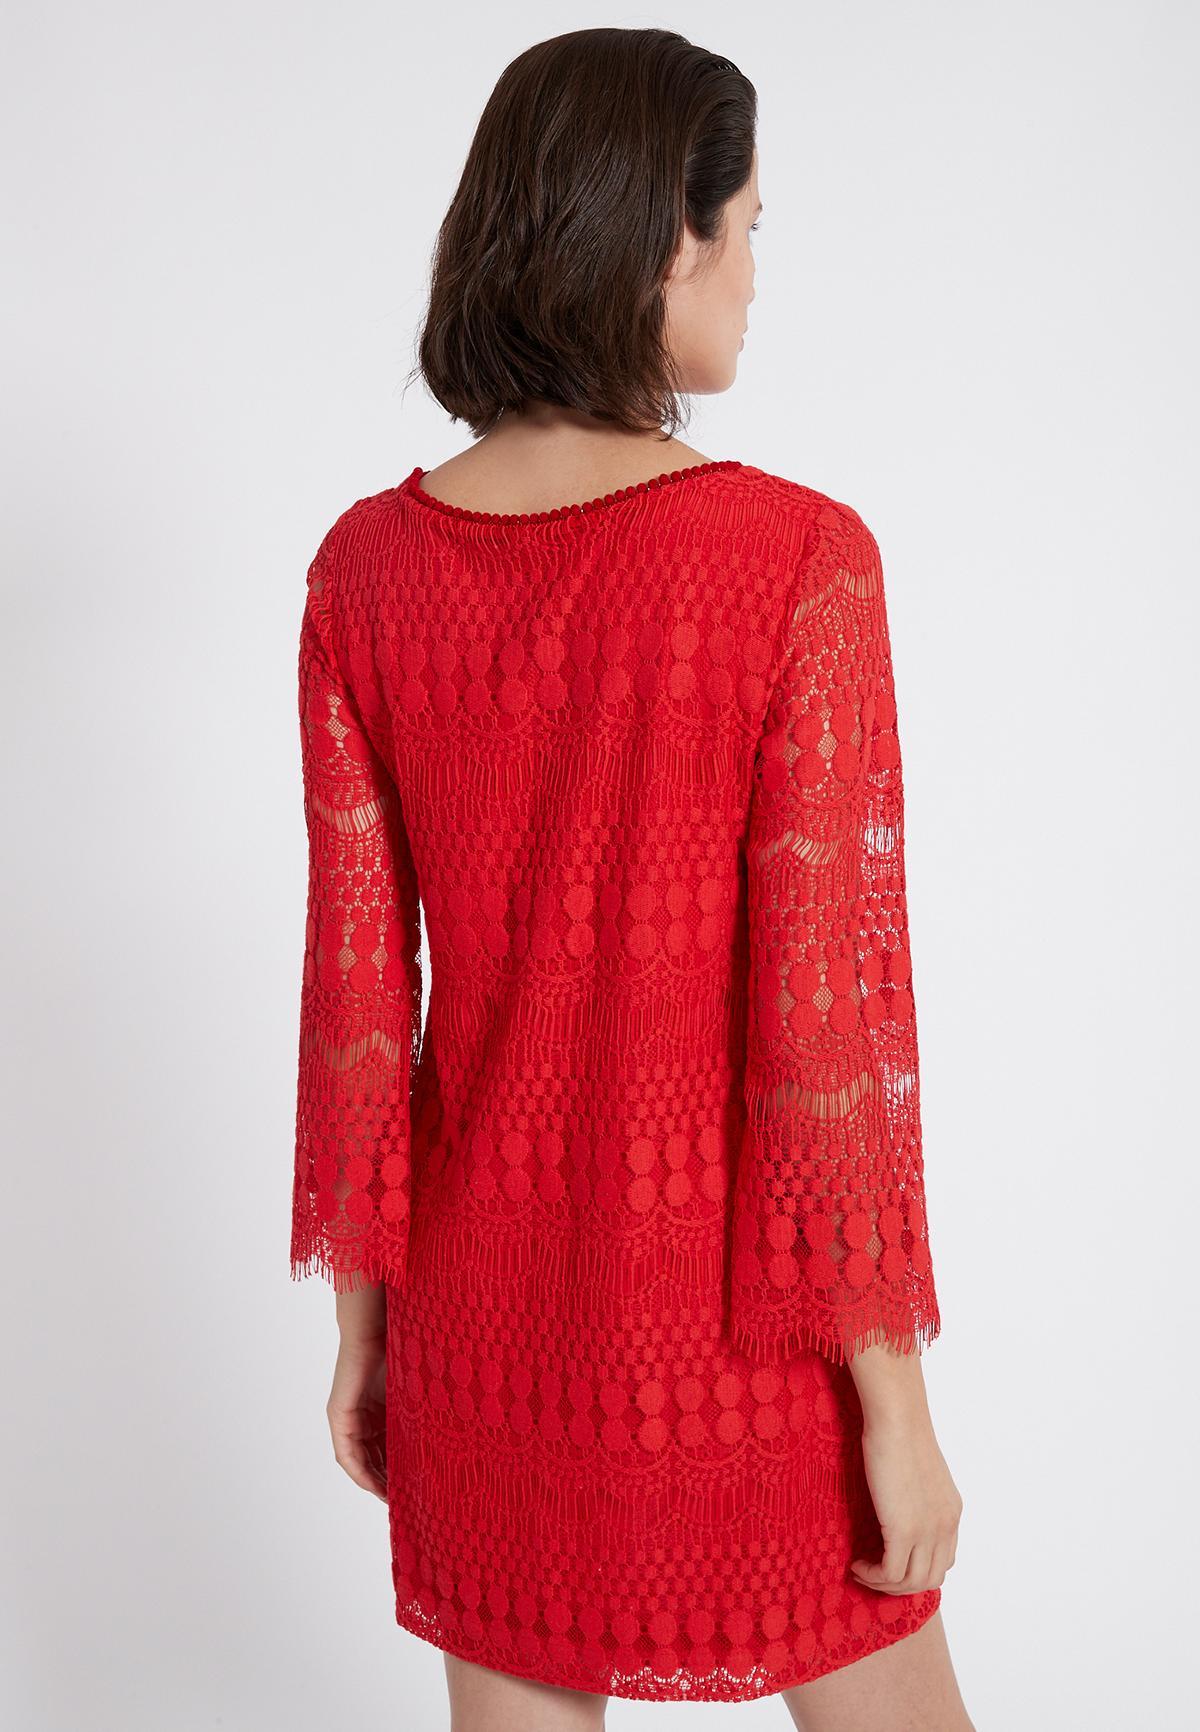 Rückansicht von Ana Alcazar Tunikakleid Sanicos Rot  angezogen an Model